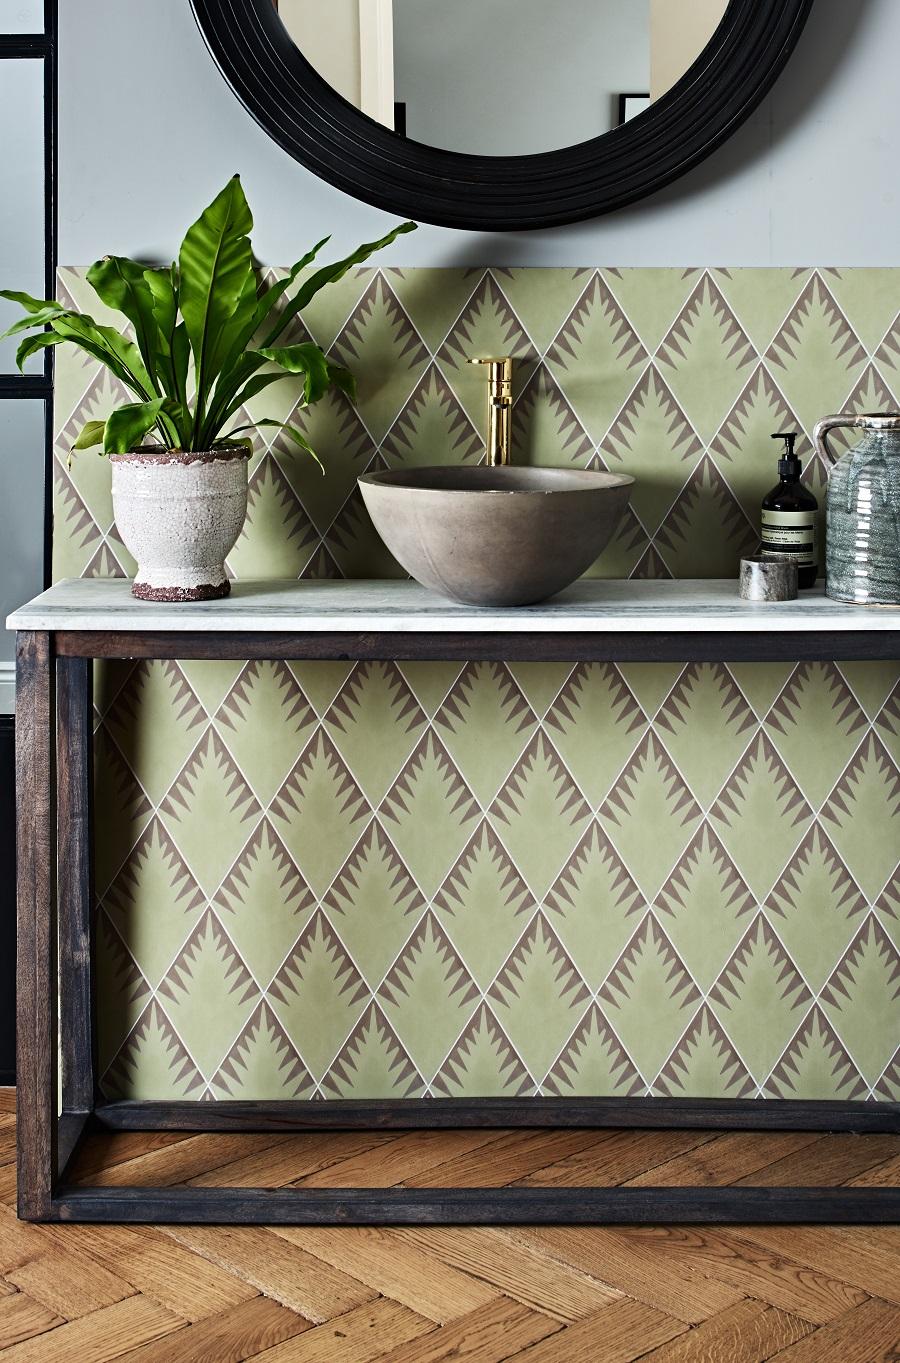 The New Jigsaw Tiles by Neisha Crosland